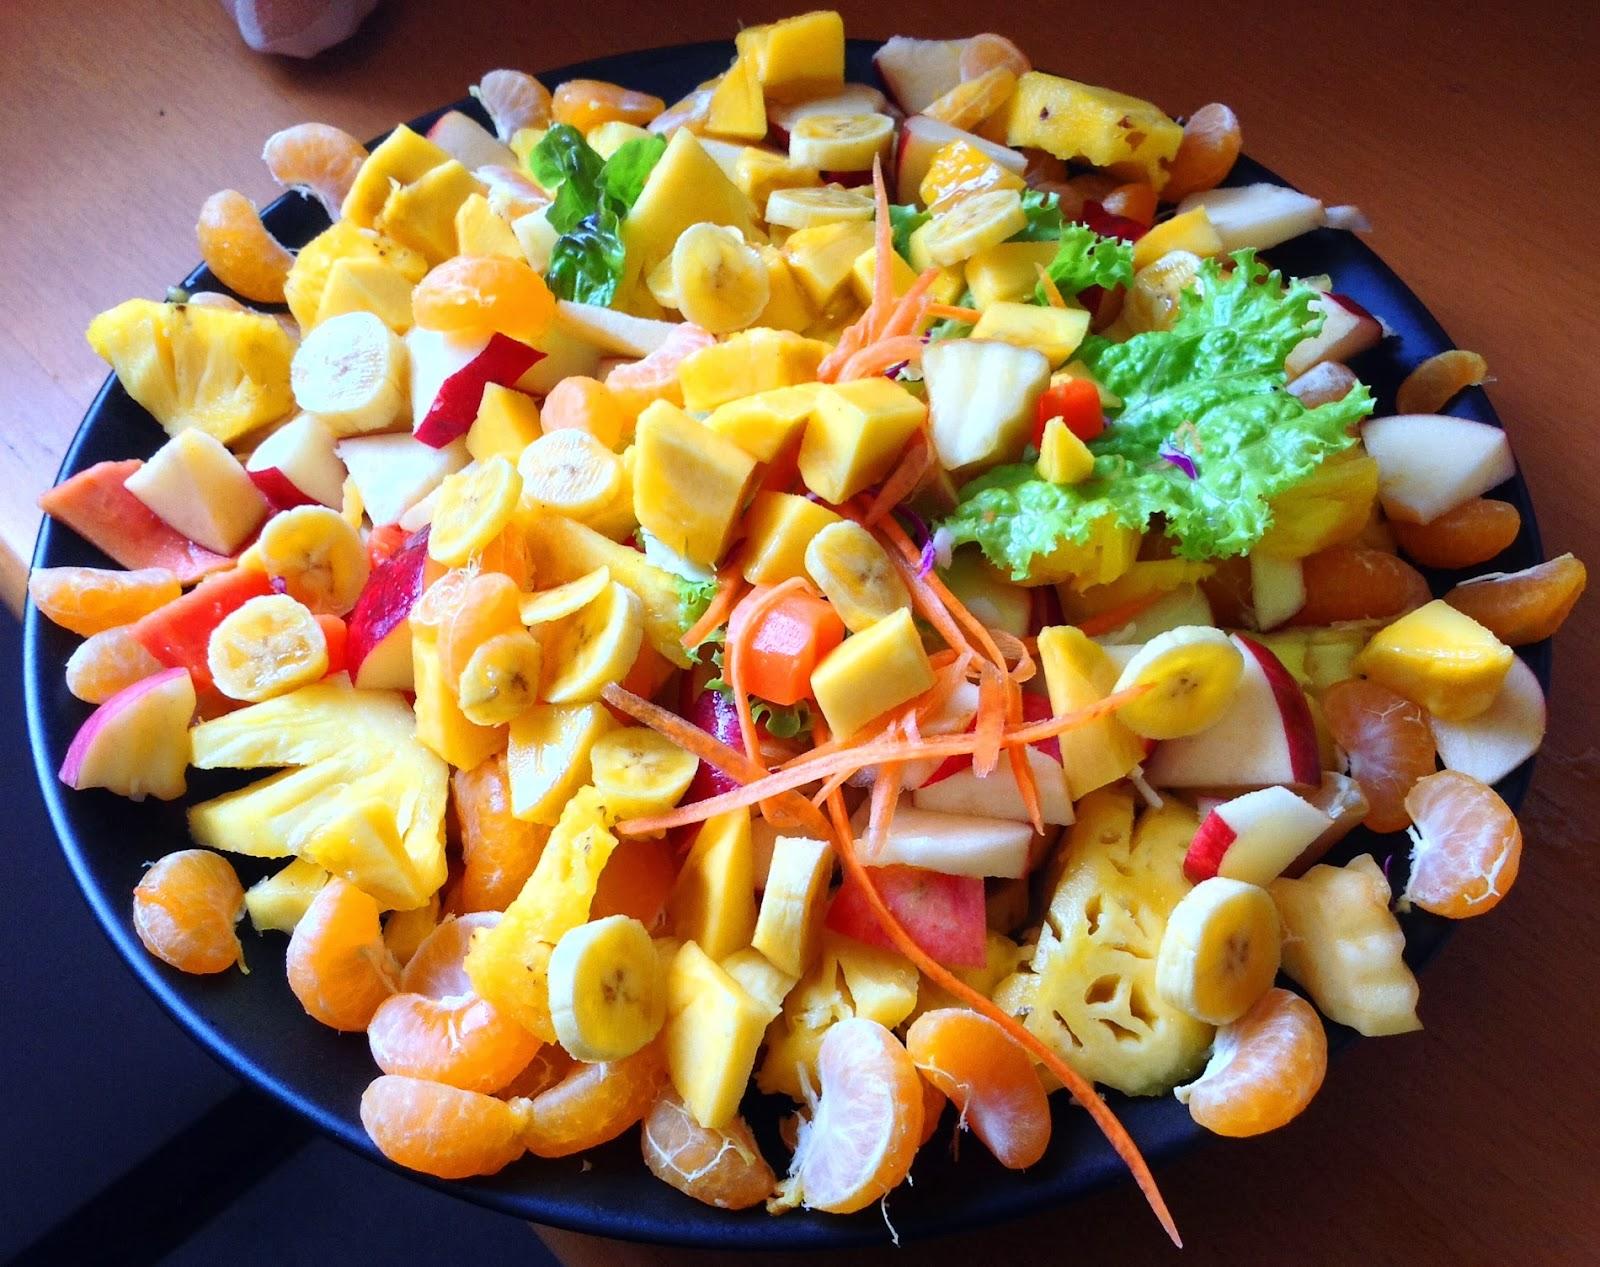 131209.thailand.bangkok.1.5usdbreakfast.food.rawfood.jpg